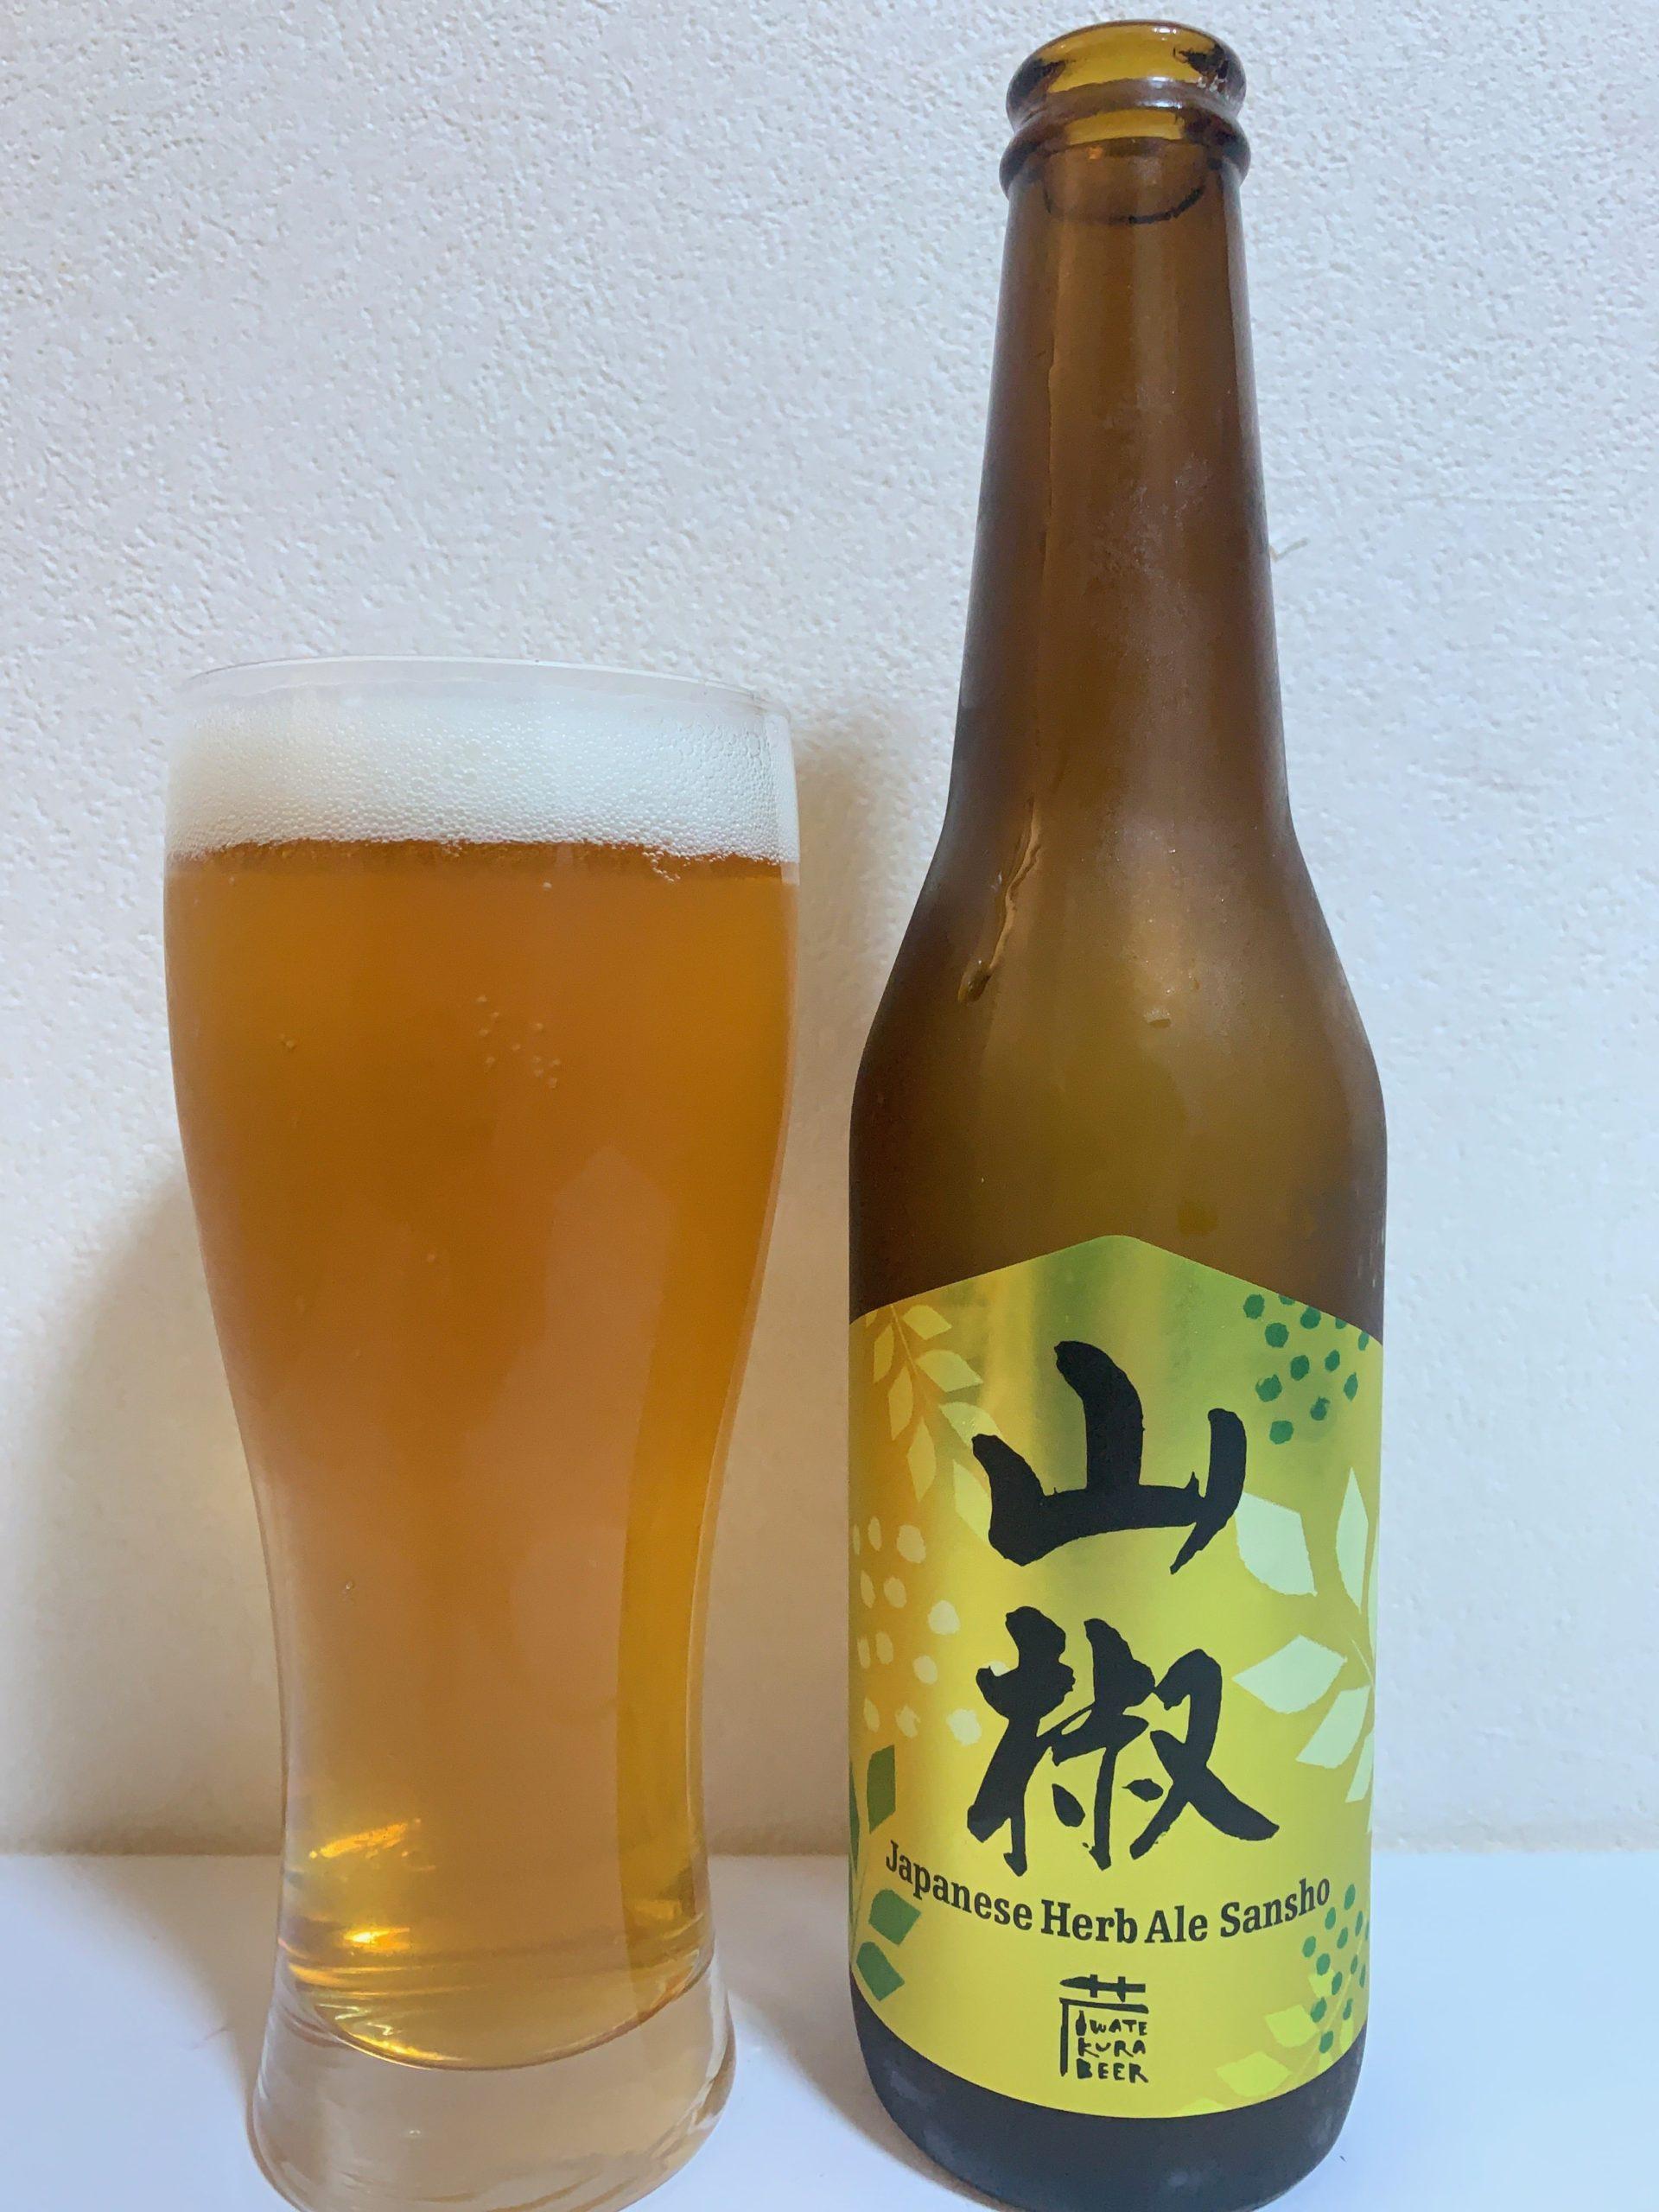 いわて蔵ビール Jpanese Herb Ale Sansho(ジャパニーズエール山椒)